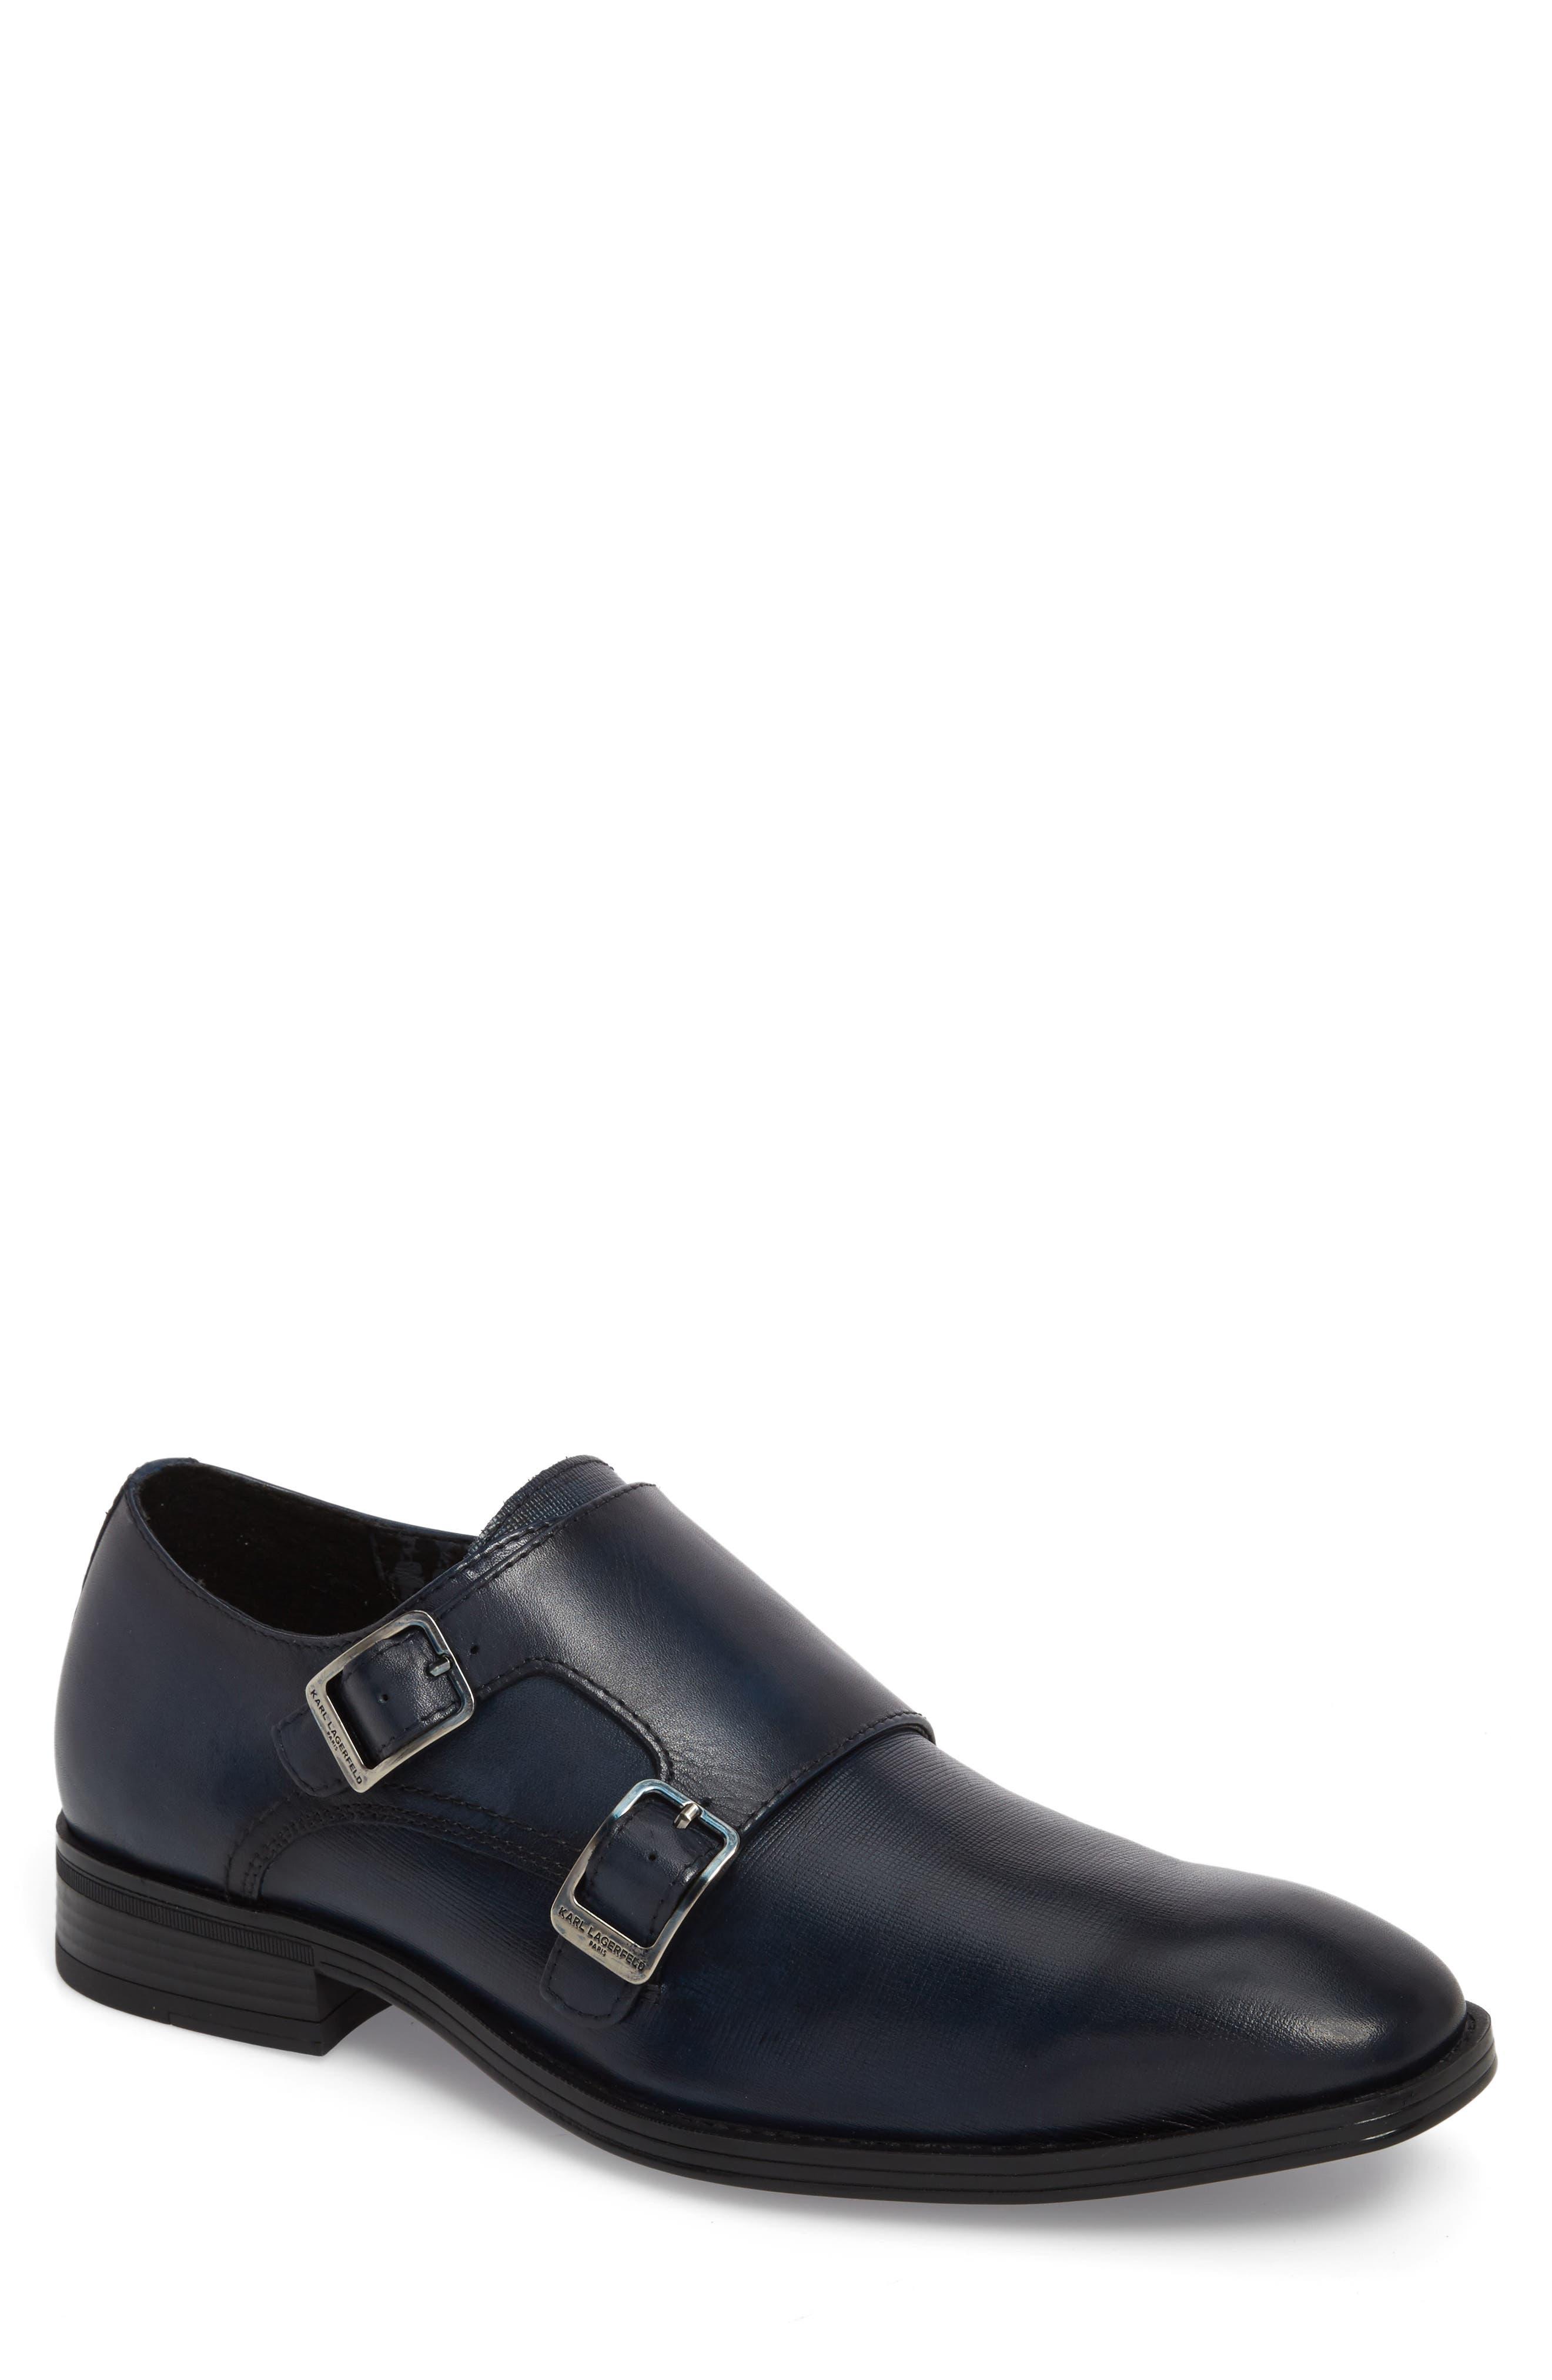 Karl Lagerfeld Double Strap Monk Shoe (Men)